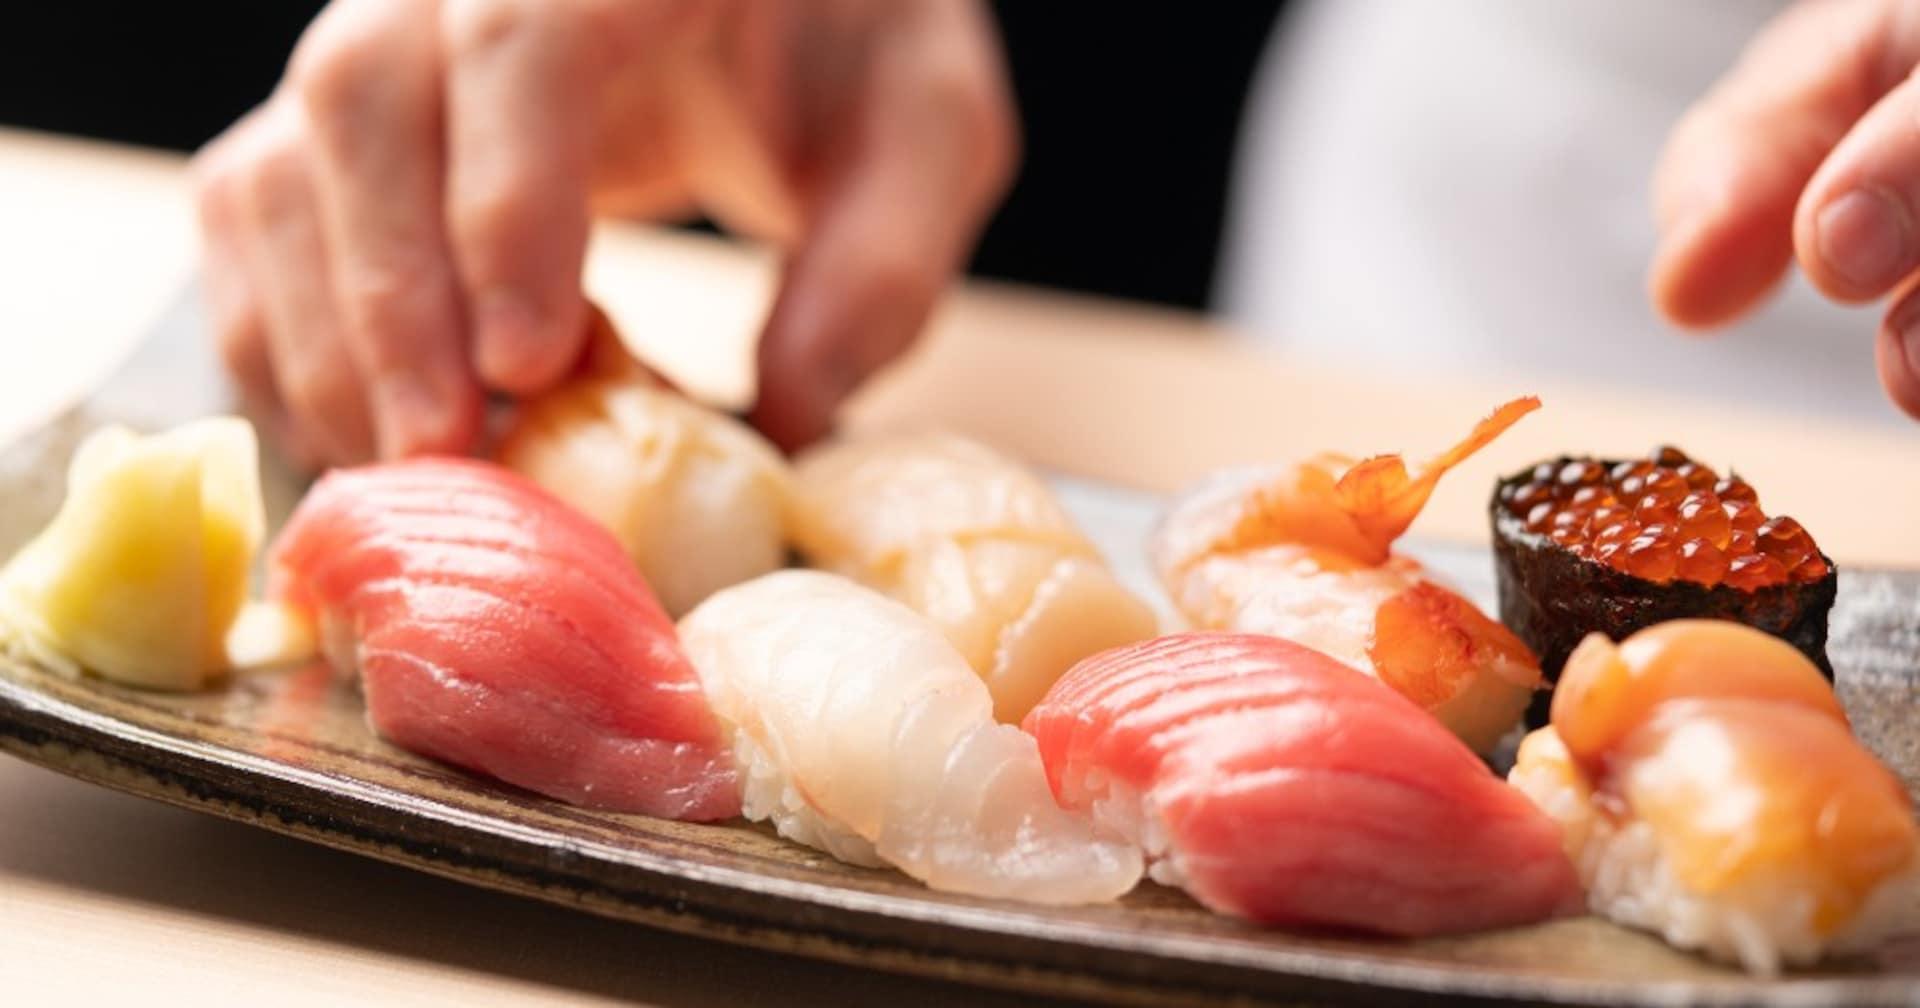 【知っトク】高級店と100円寿司で品質の差が少ないネタは?